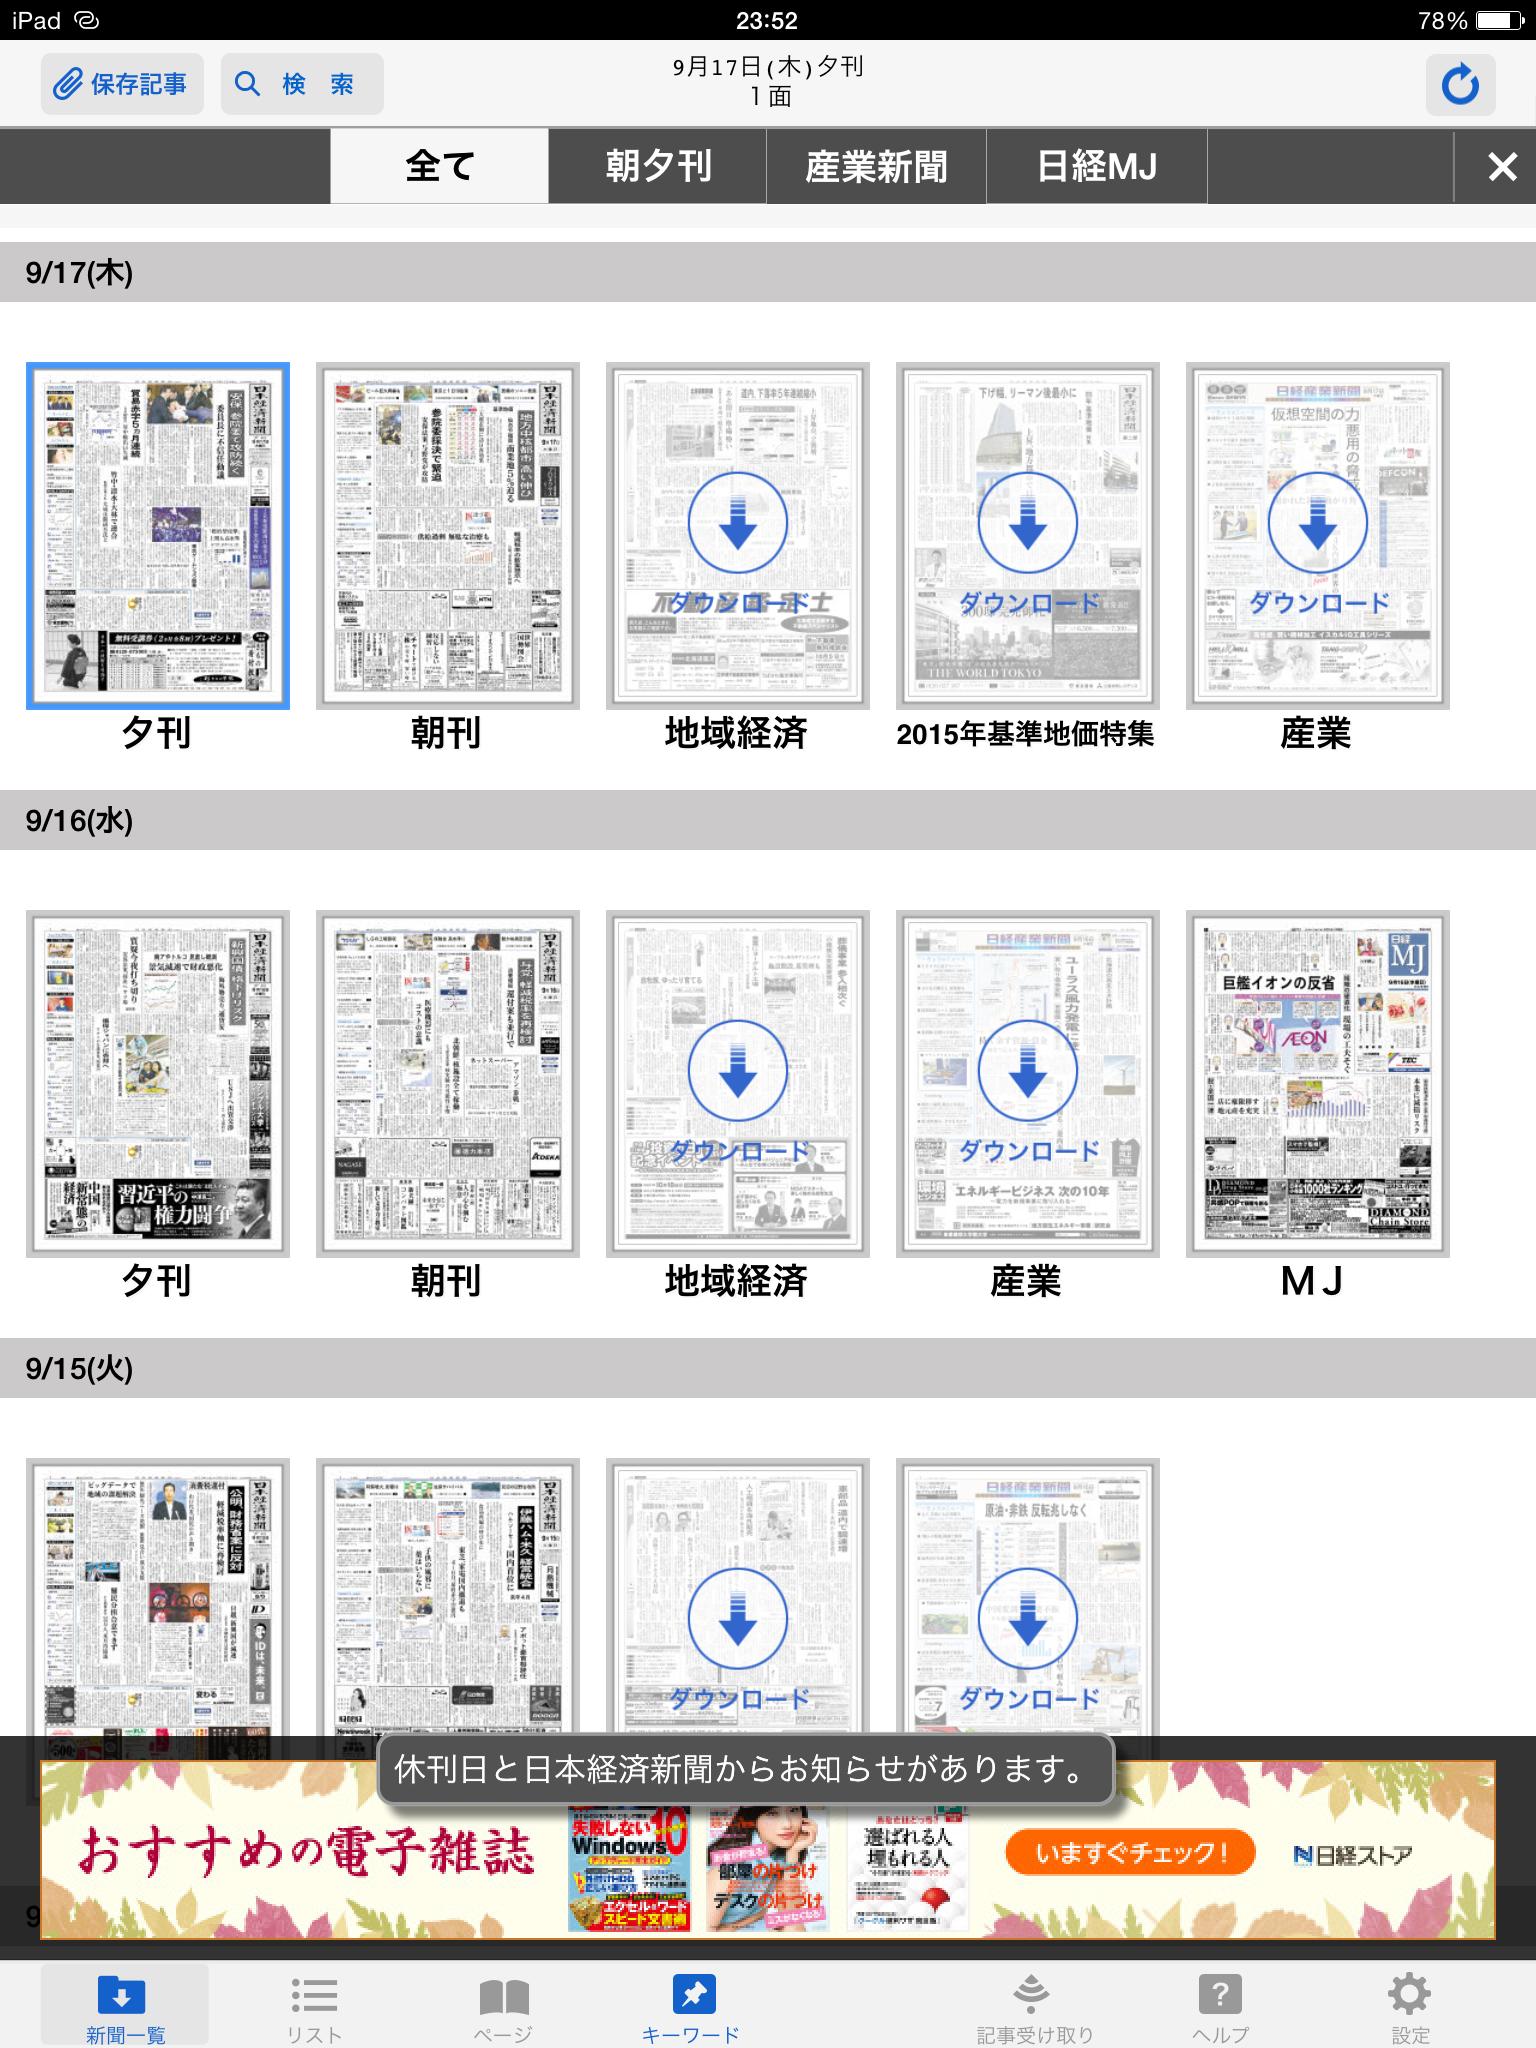 日本経済新聞 ヘルプセンター - nikkei.com